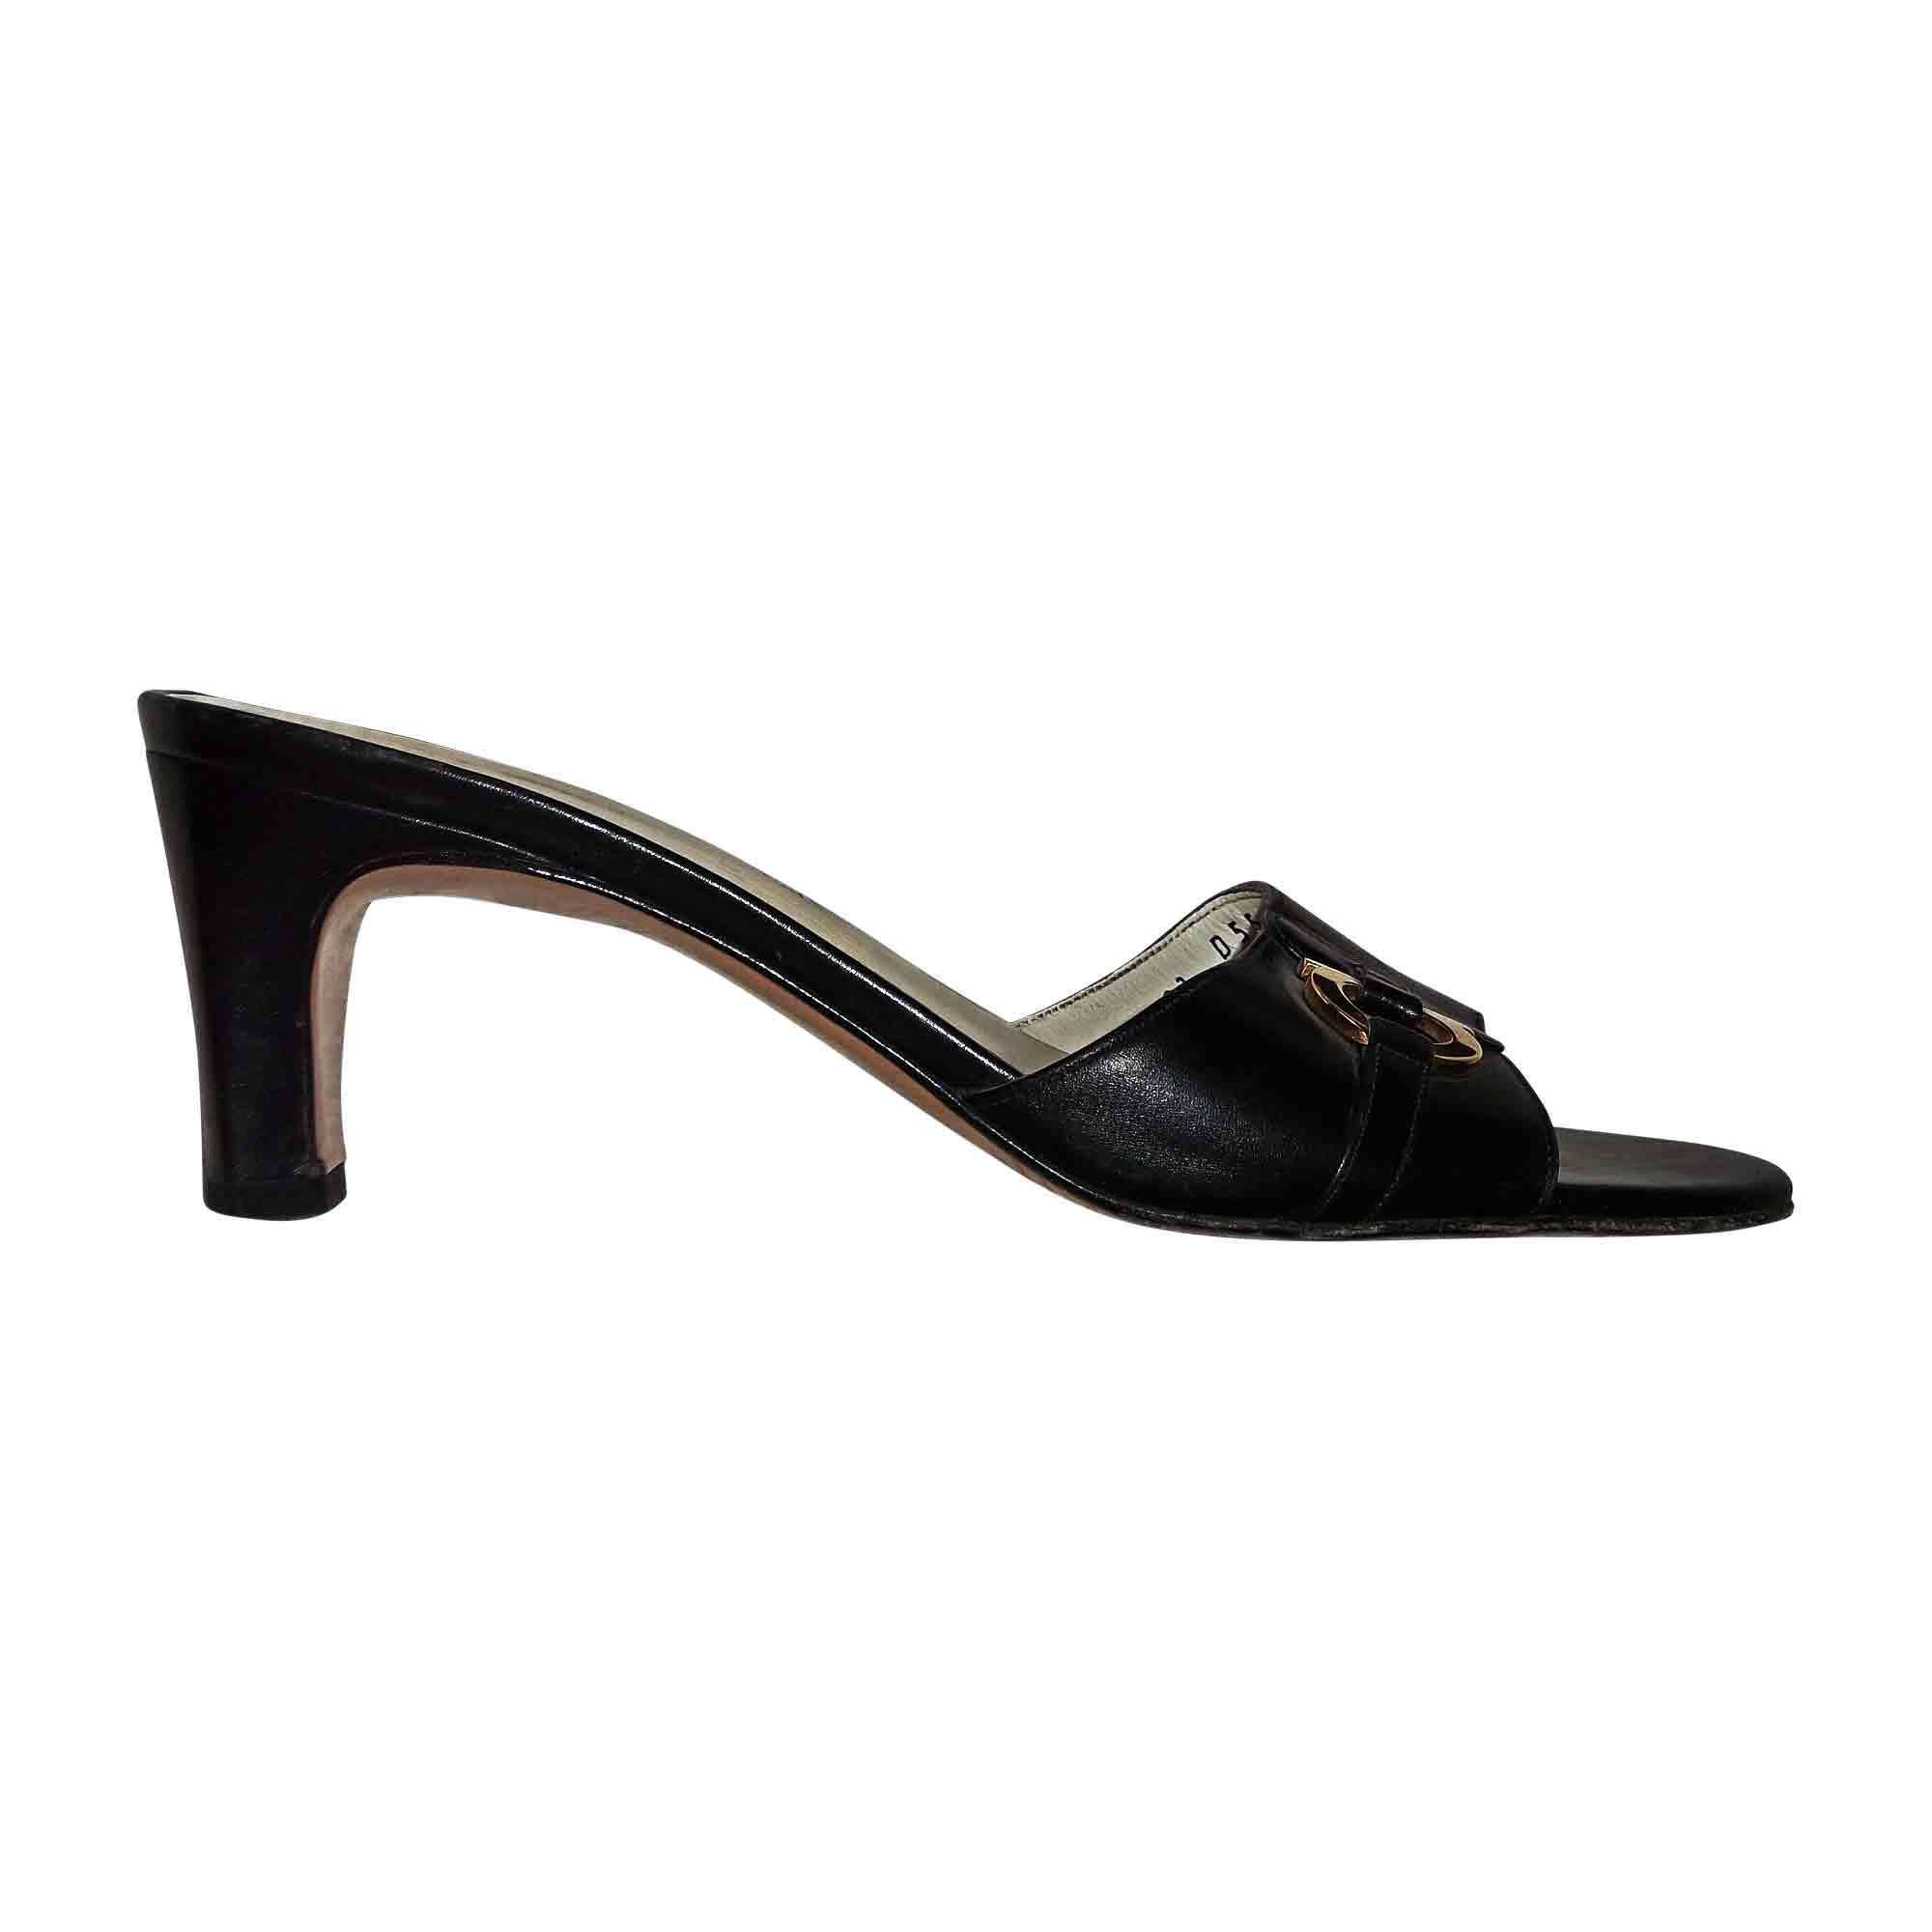 Sandales à talons SALVATORE FERRAGAMO 37 noir - 6246429 7aba1f8dc823